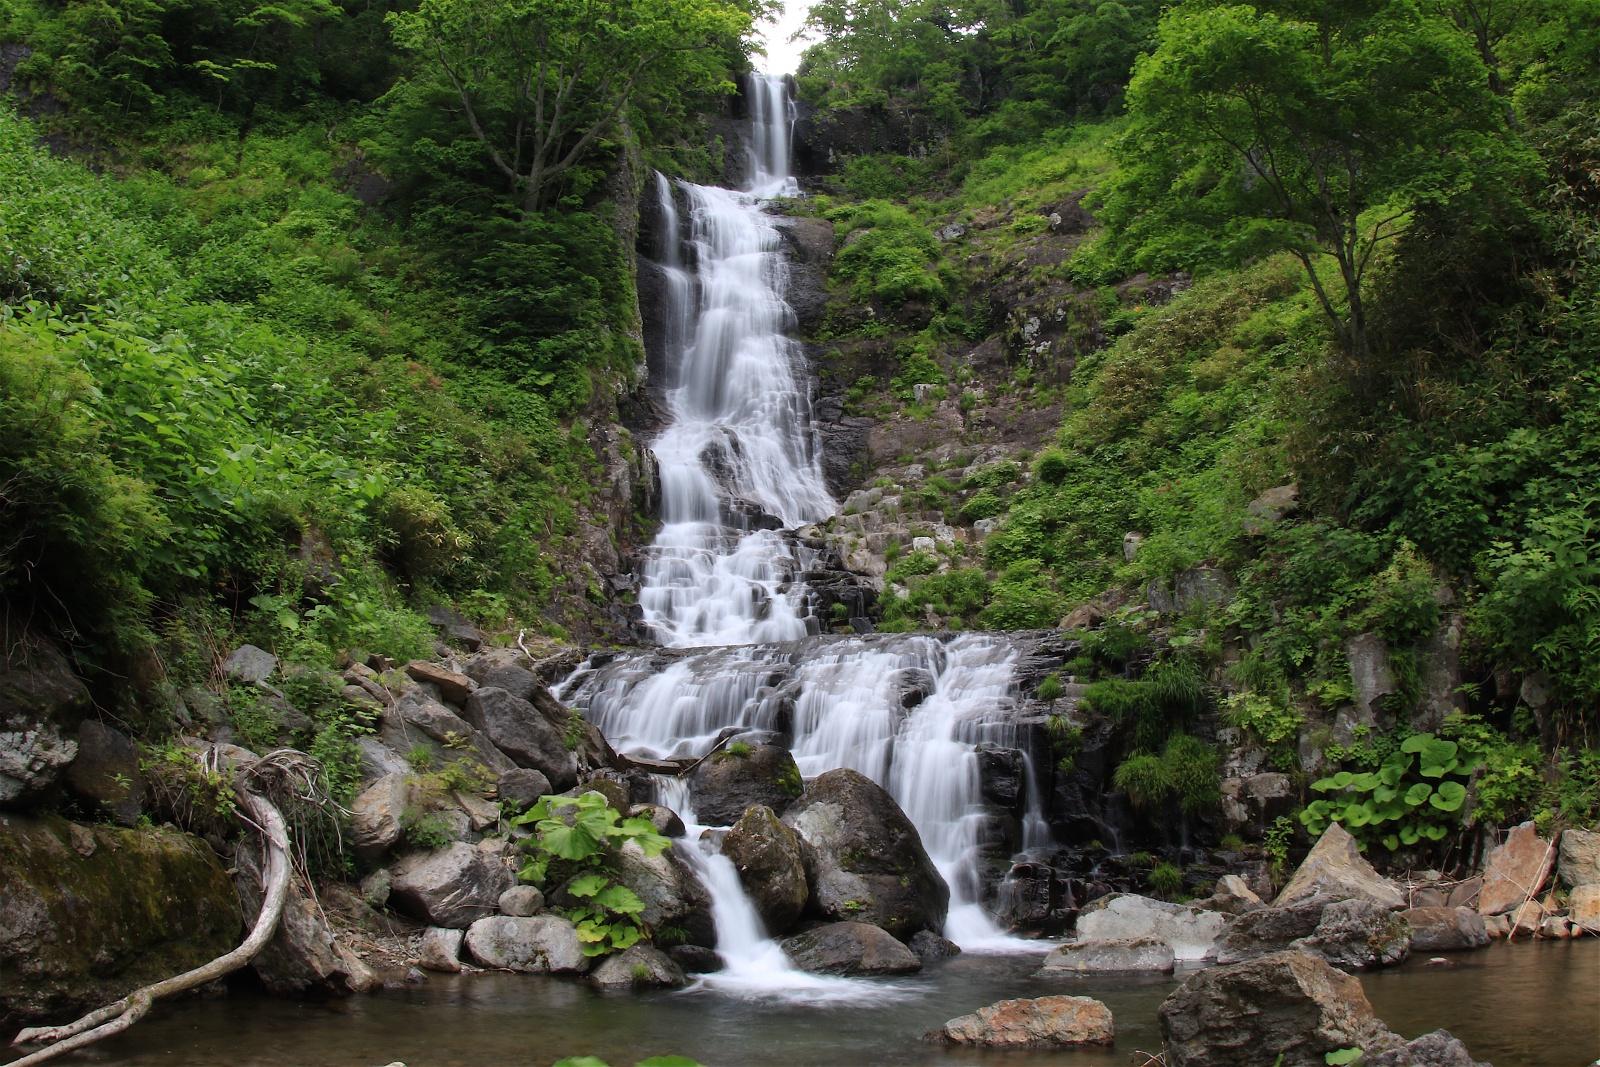 有名な滝が秘境化?滝壺なく階段状に流れ落ちる 千歳「美笛の滝」